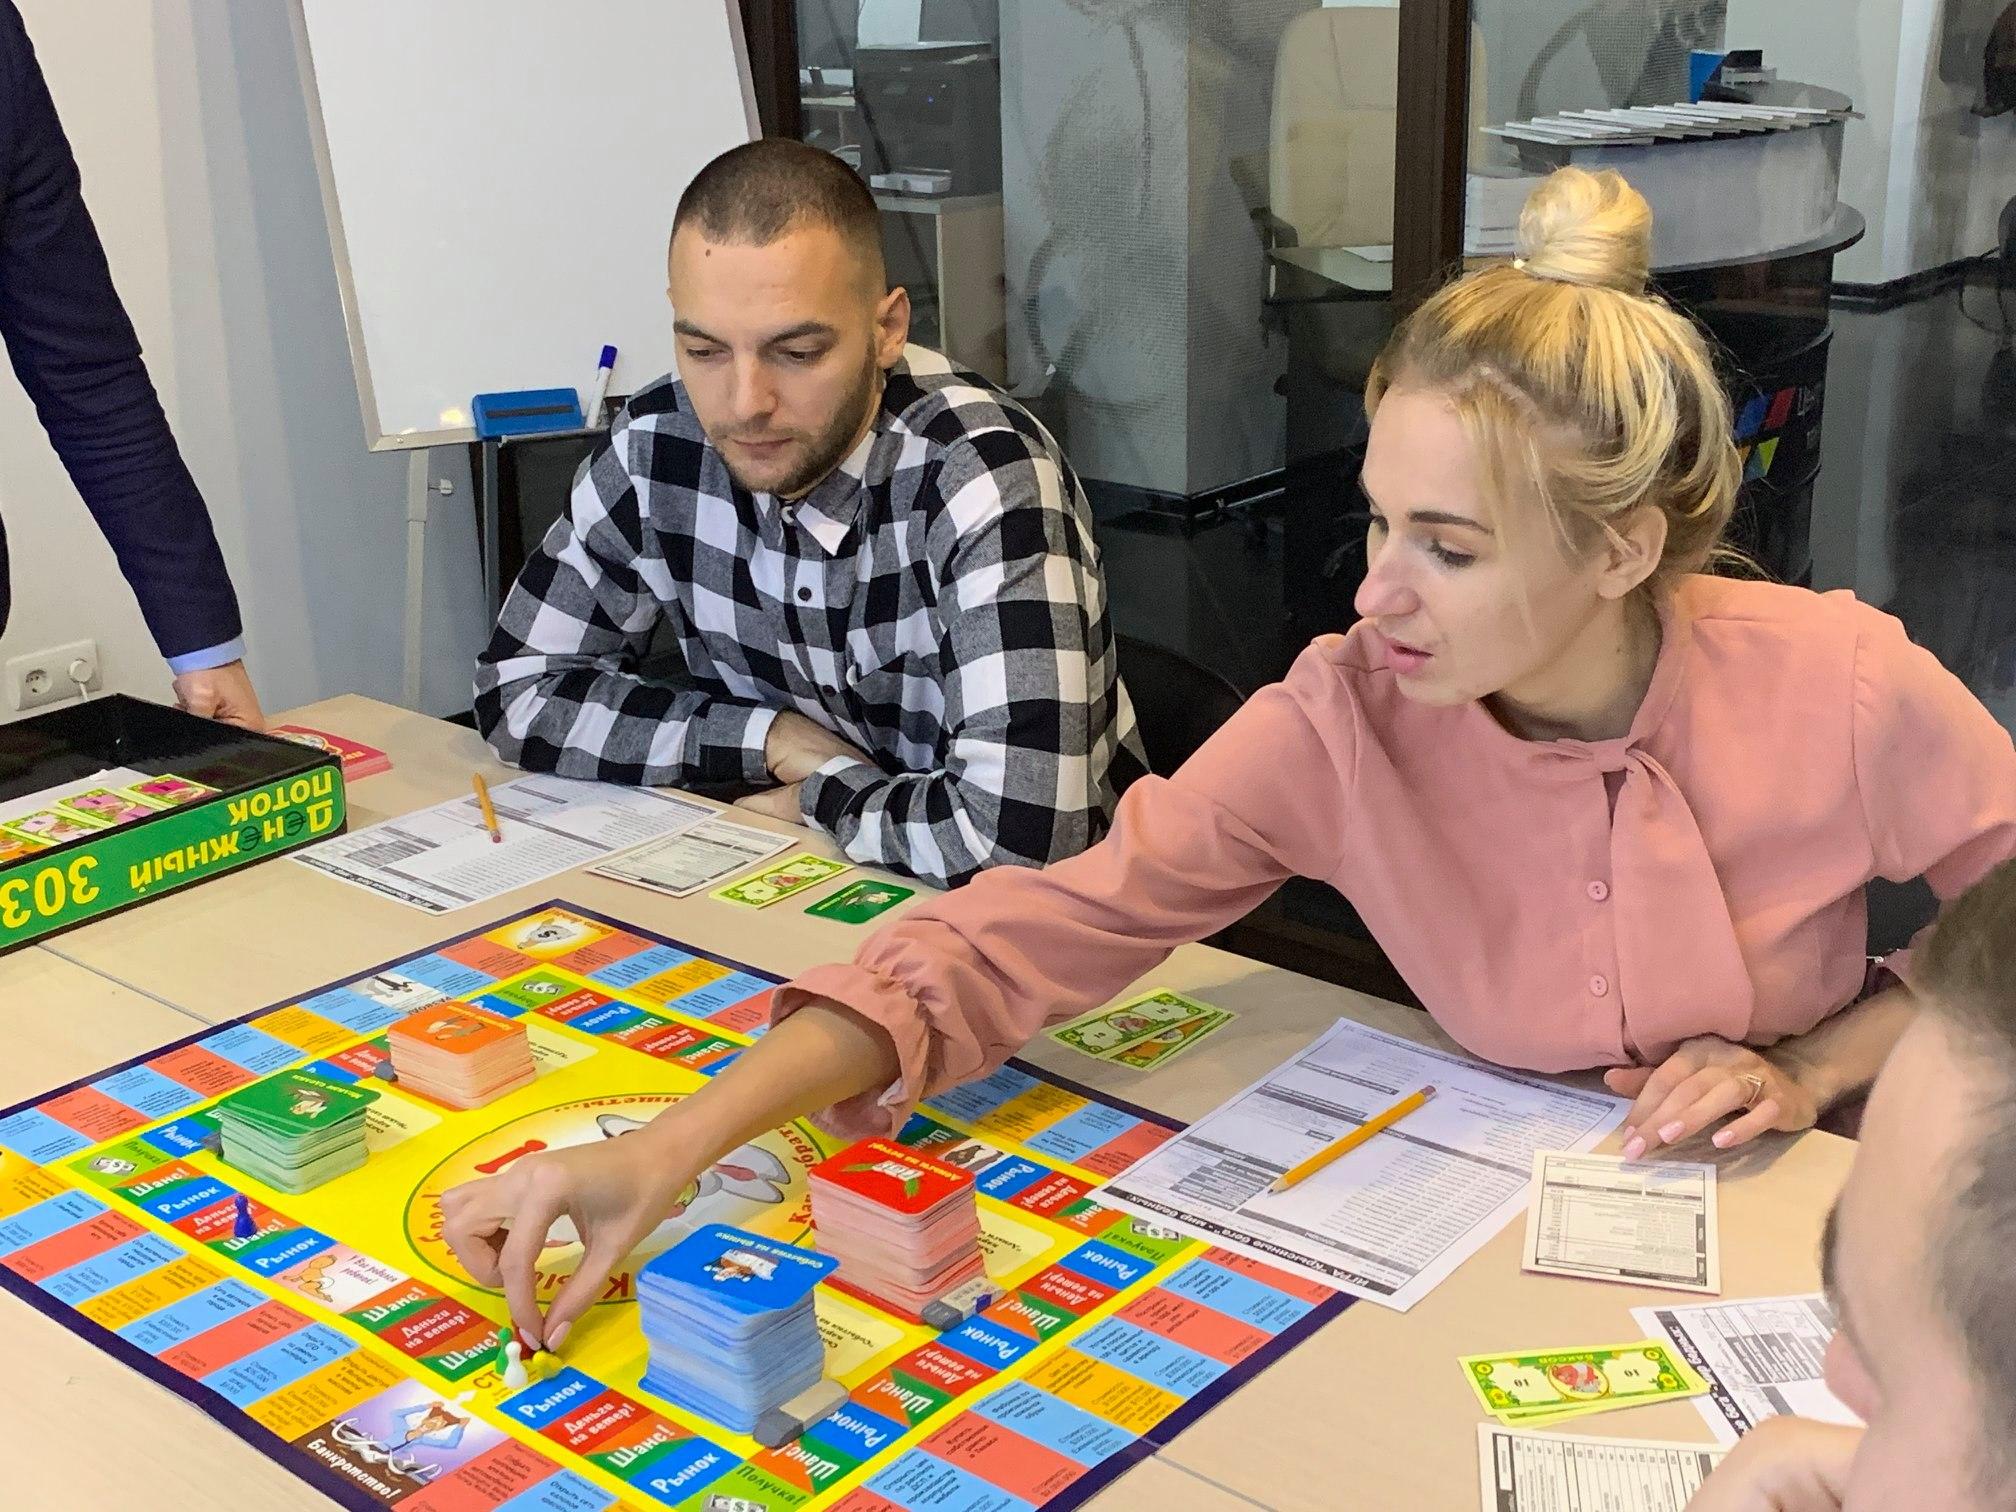 Центр Біржових Технологій міста Чернівці запрошує всіх бажаючих взяти участь в наступних іграх Cash Flow - 4 фото